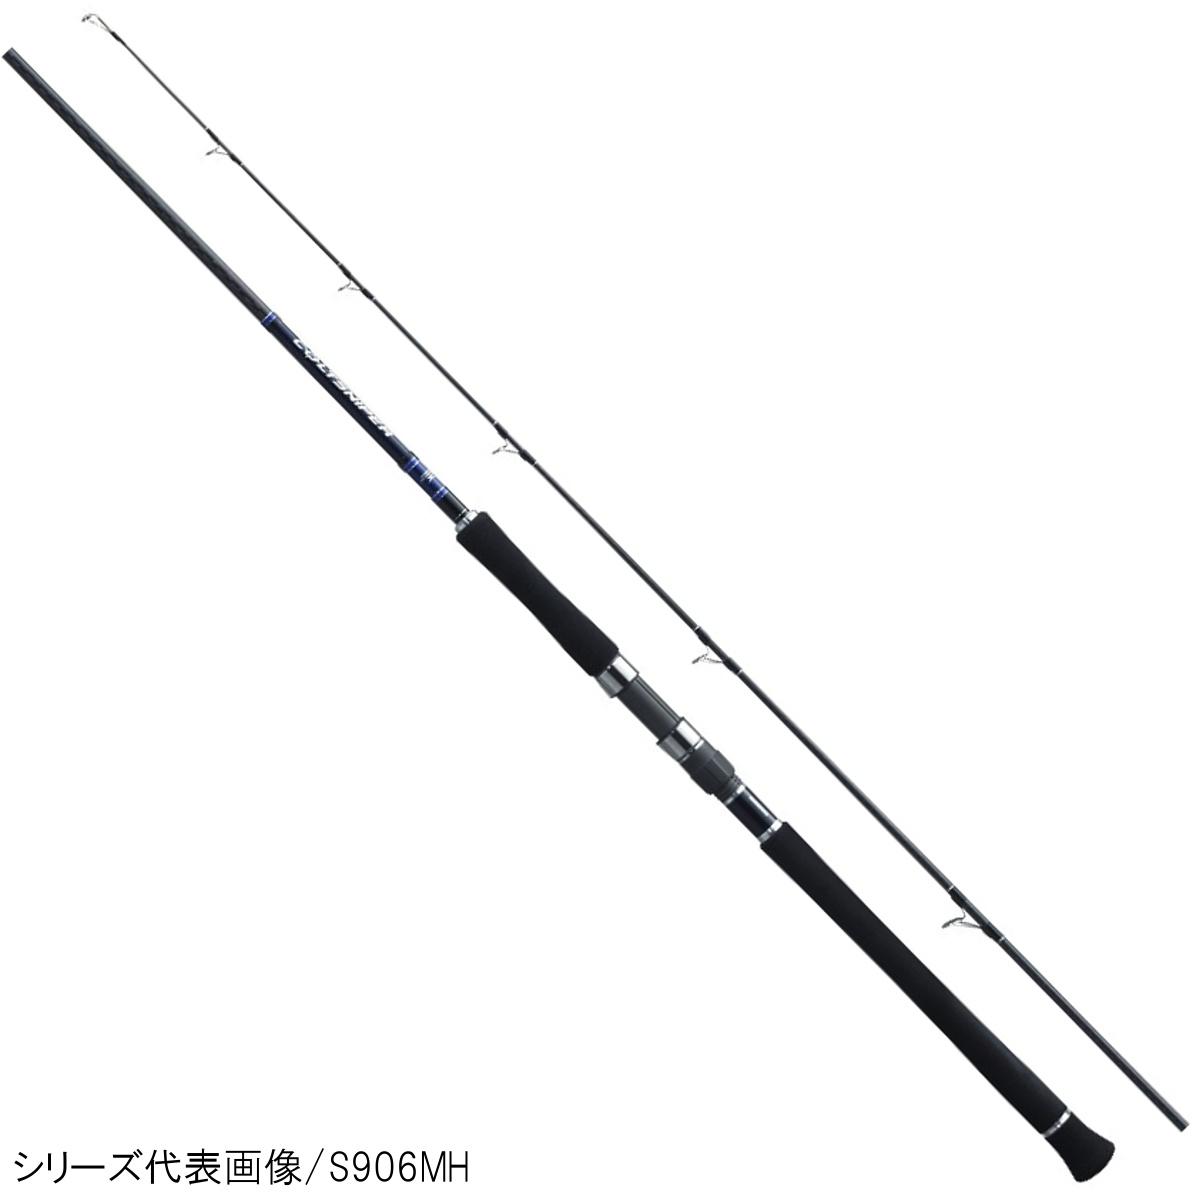 シマノ コルトスナイパー S1006MH【大型商品】【送料無料】